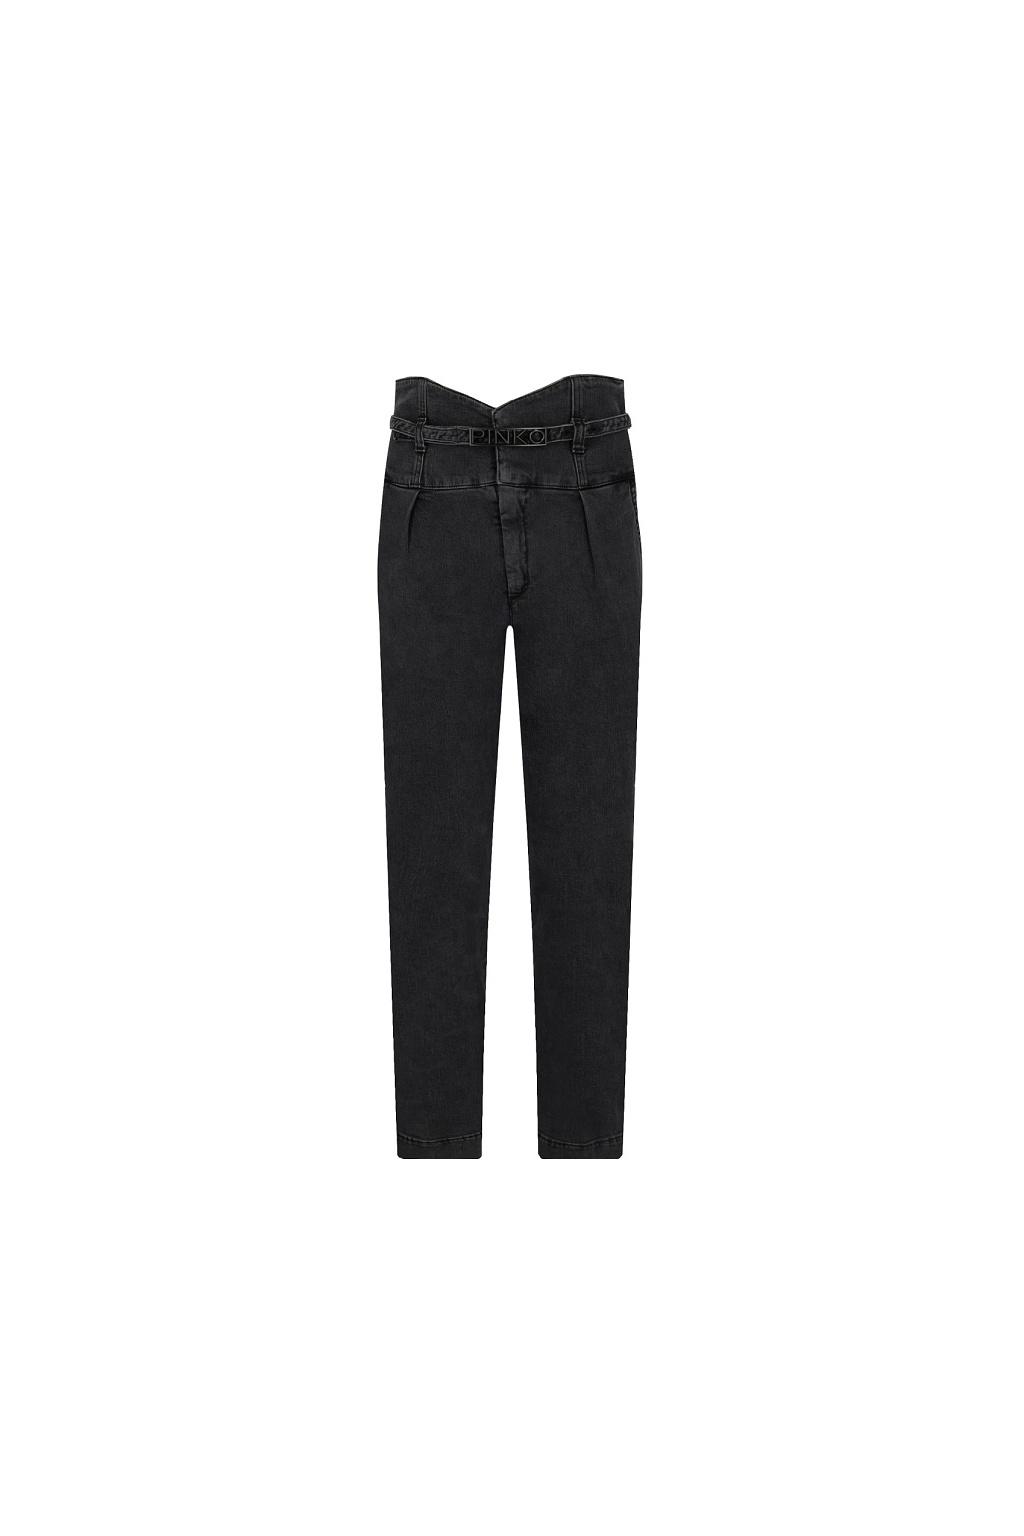 1J10GP Y6FGDámské džíny Pinko Ariel 4 černé